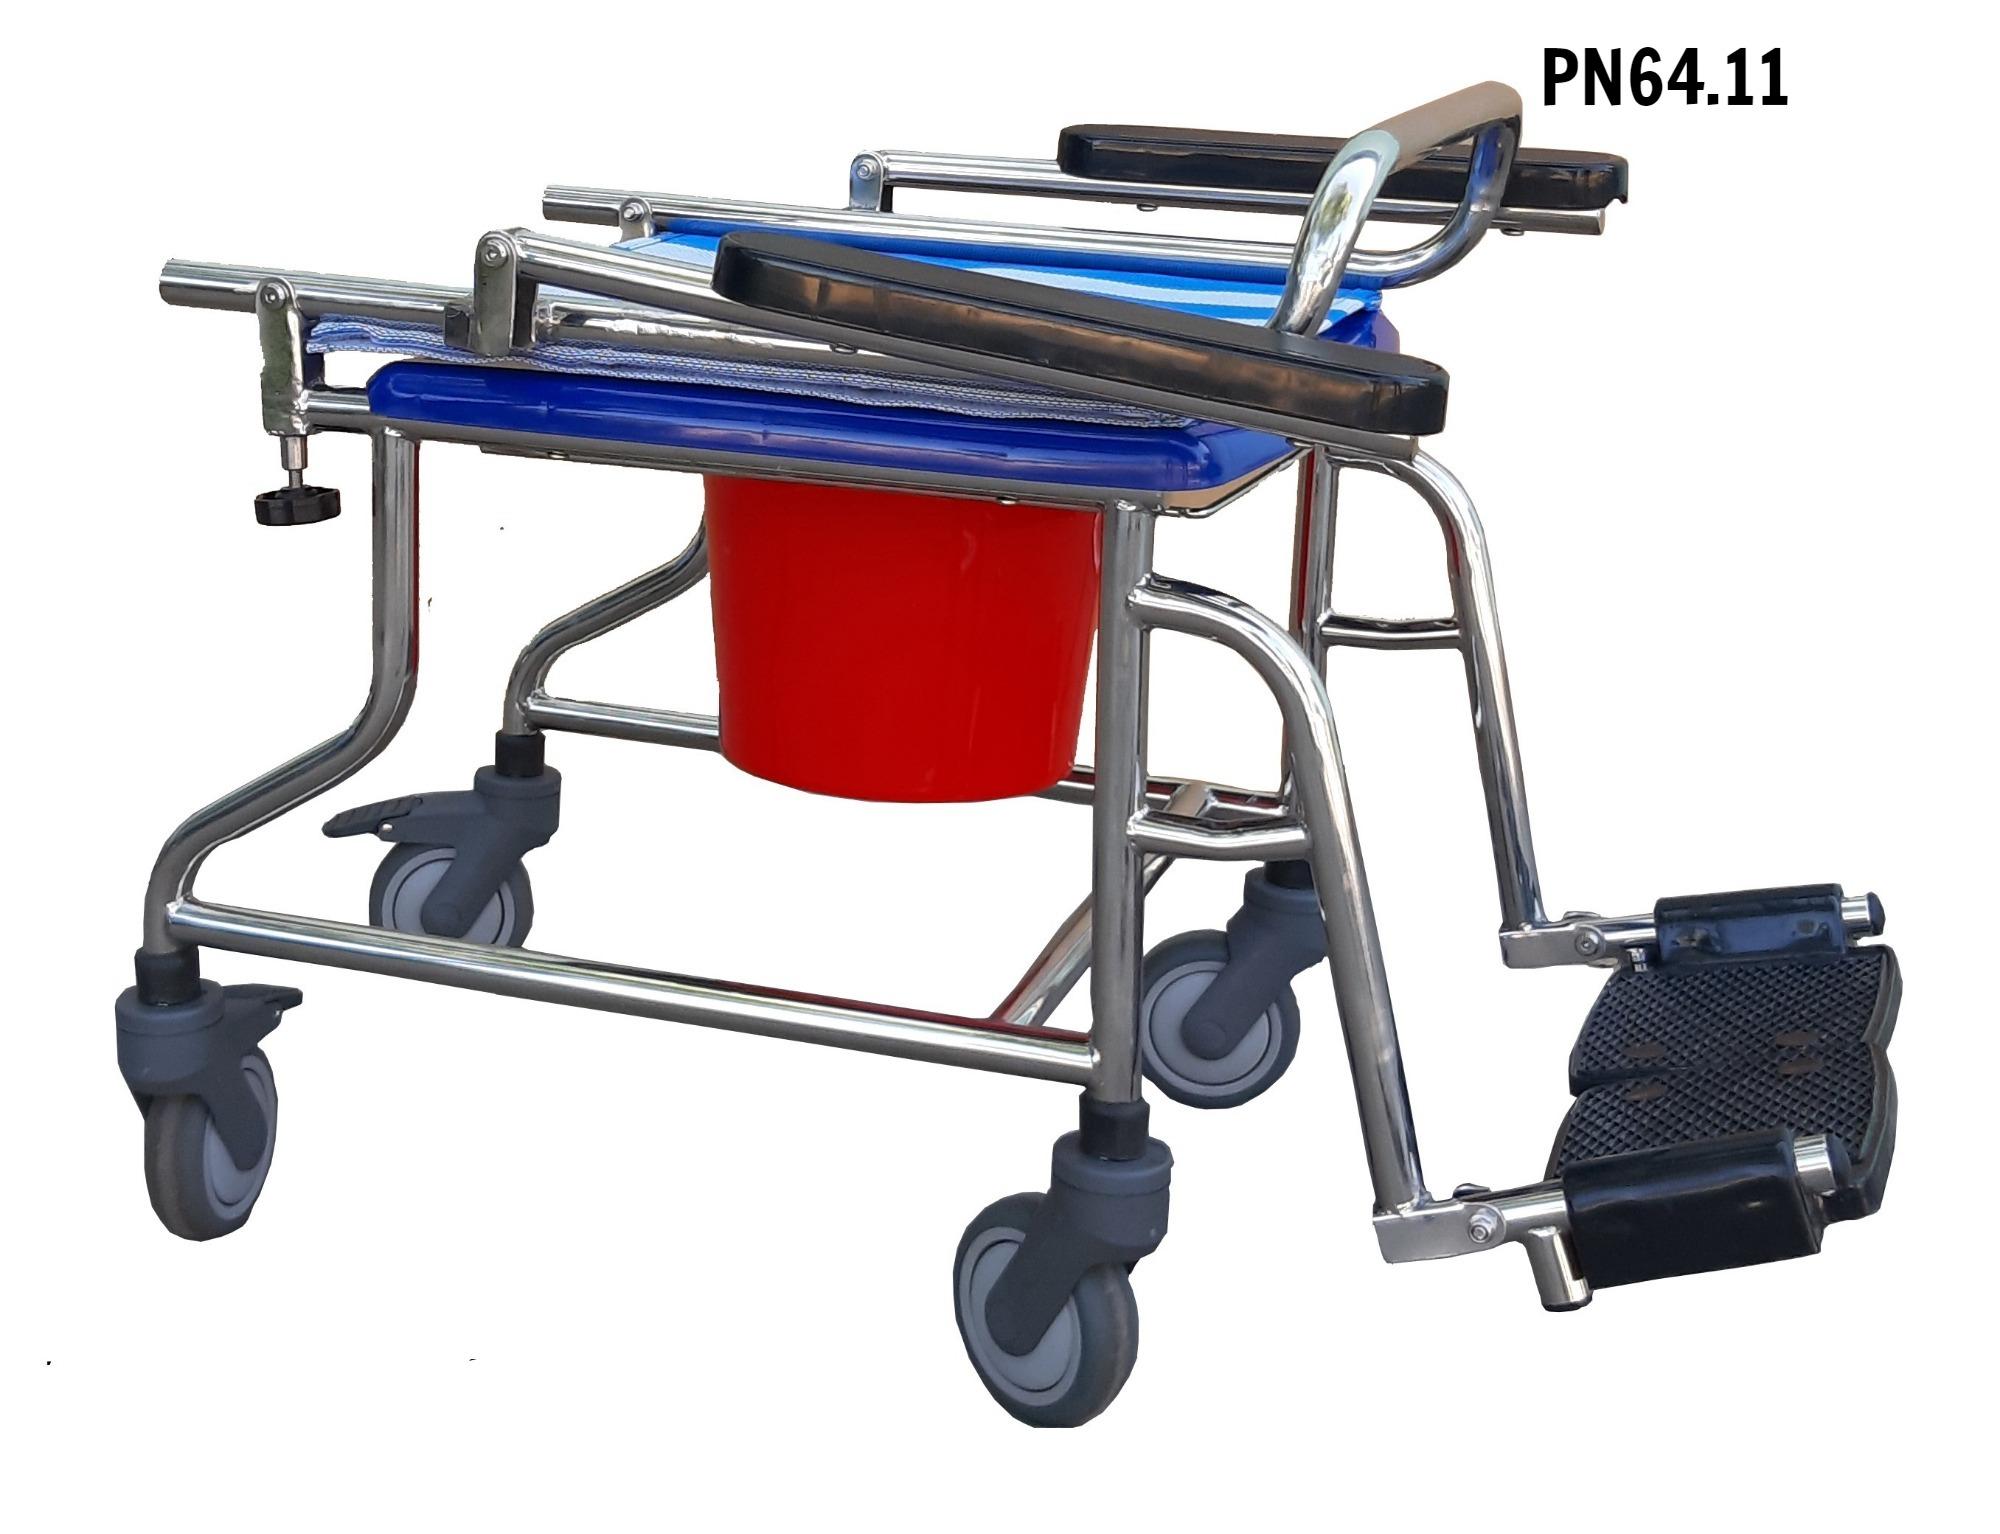 PN64.11 - Ghế vệ sinh có bánh xe (mẫu mới 2020)